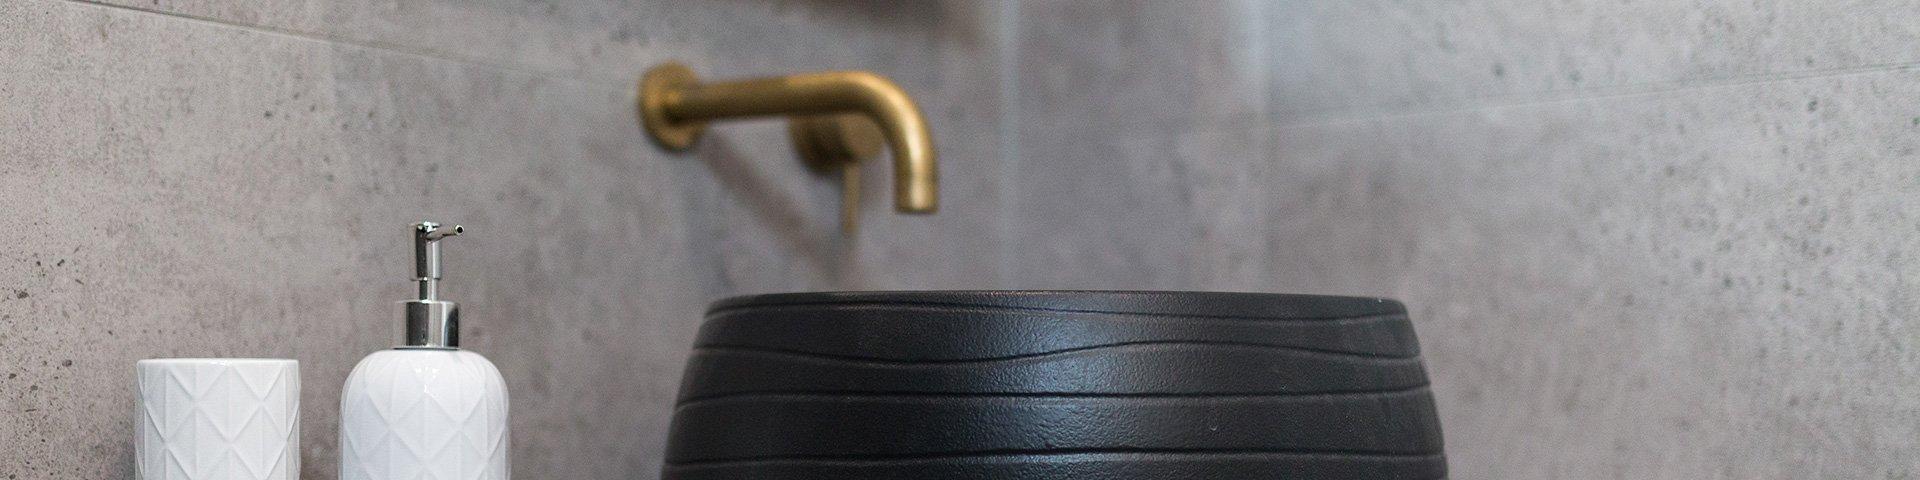 bezfugowe, szare płytki w dużych rozmiarach na ścianie w łazience